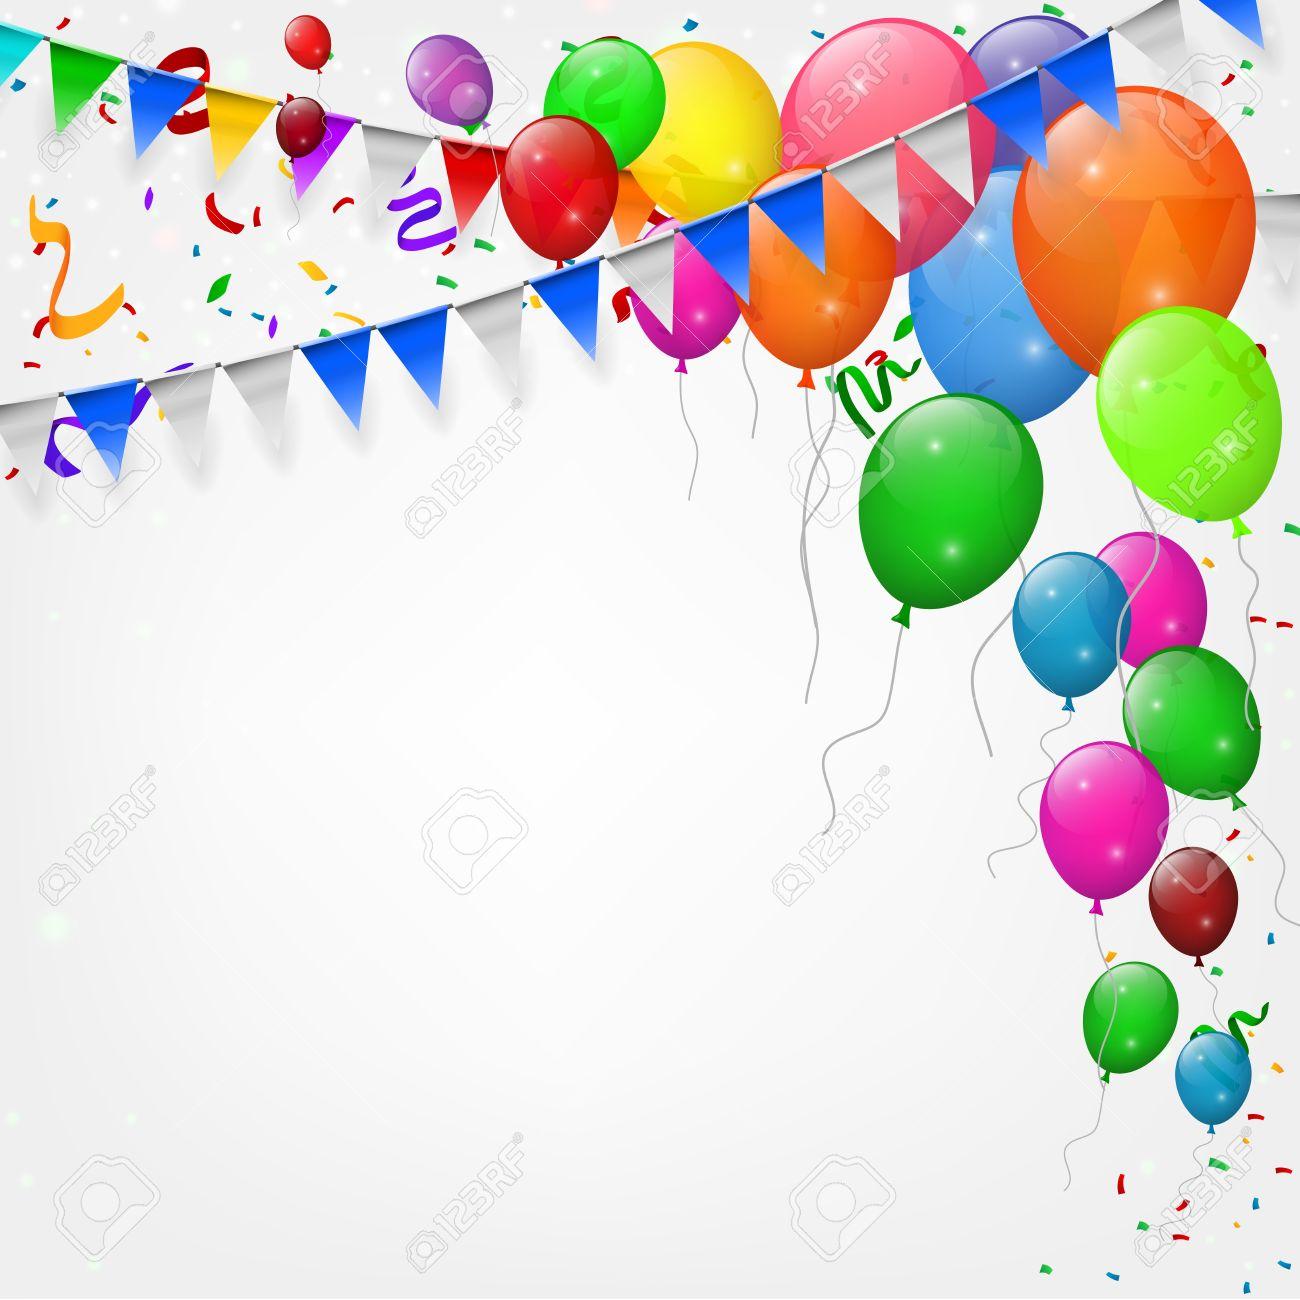 Alles Gute Zum Geburtstag Party Mit Luftballons Und Bändern